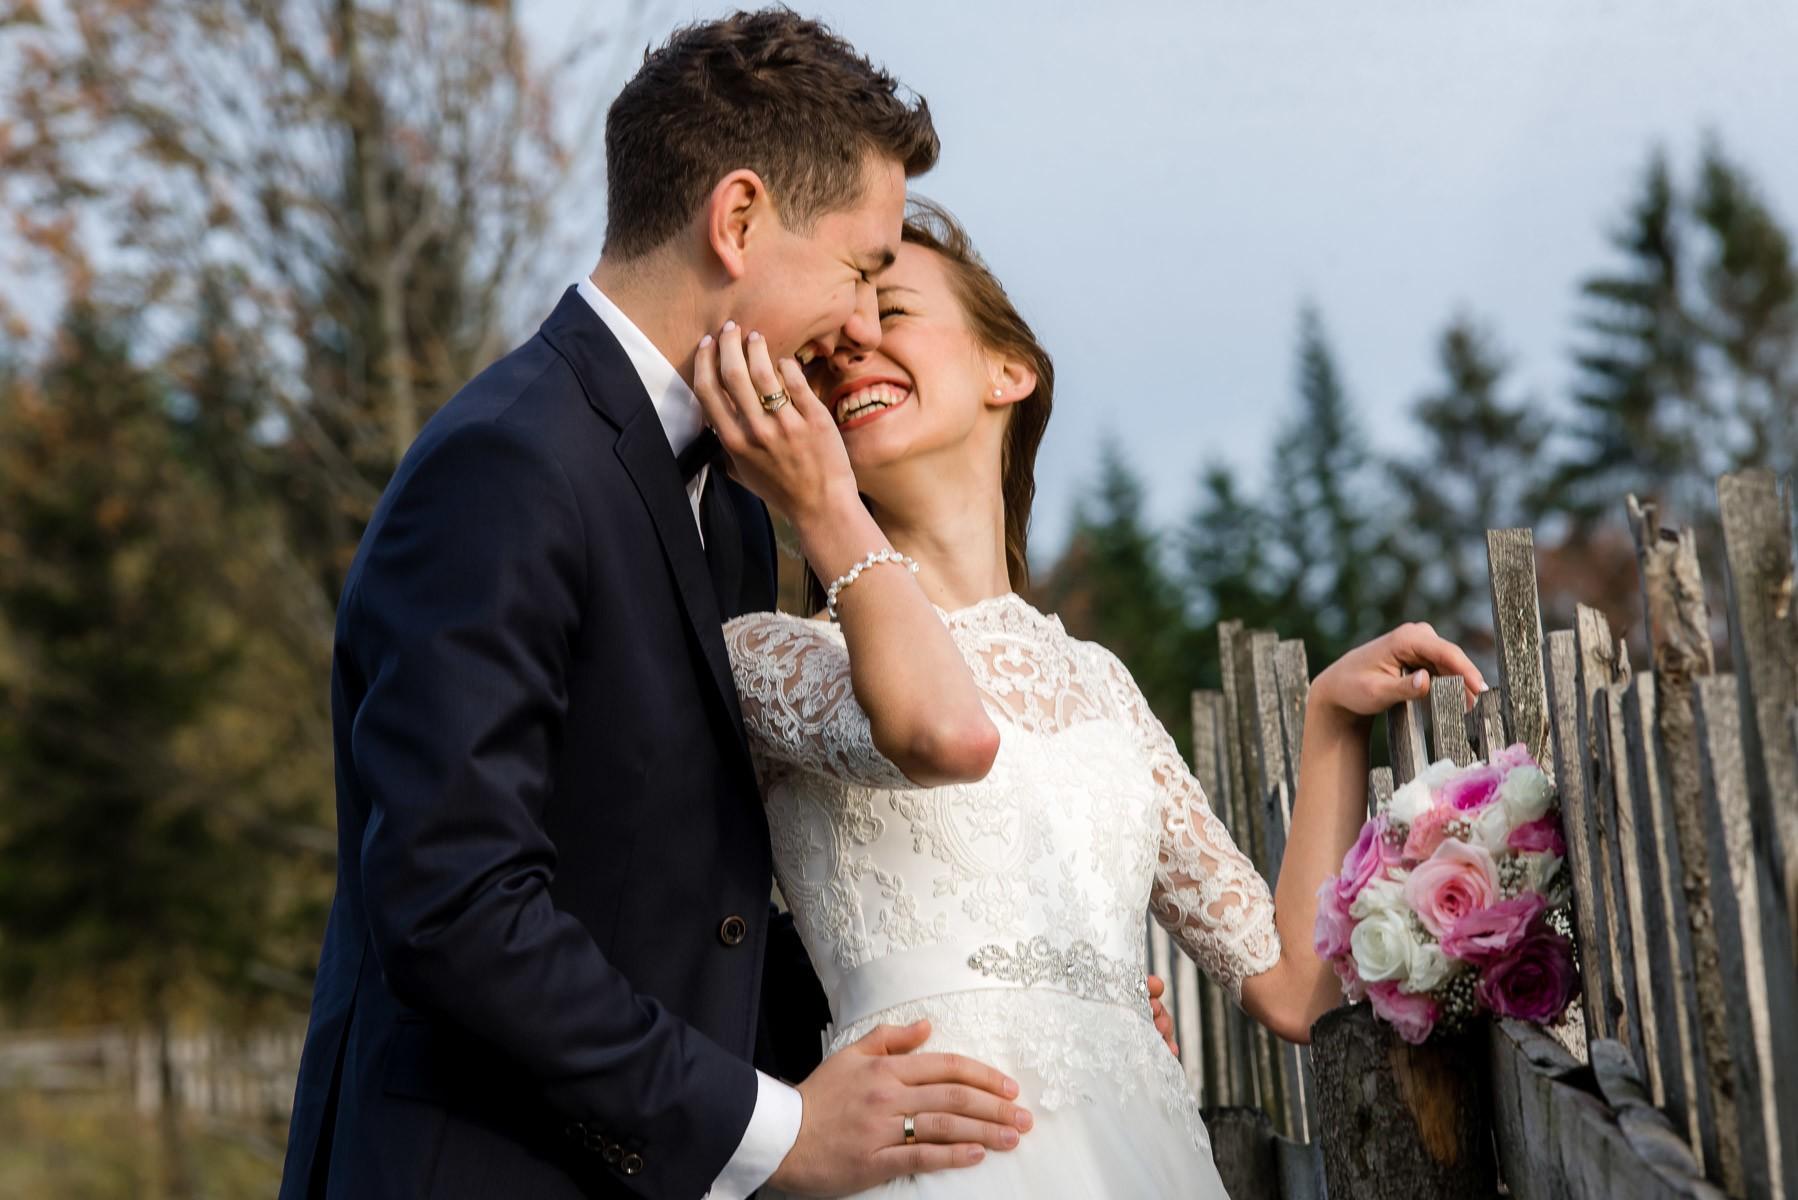 sala na skarpie fotograf slubny slask malopolska adam pietrusiak plener slubny w gorach jw wedding 197